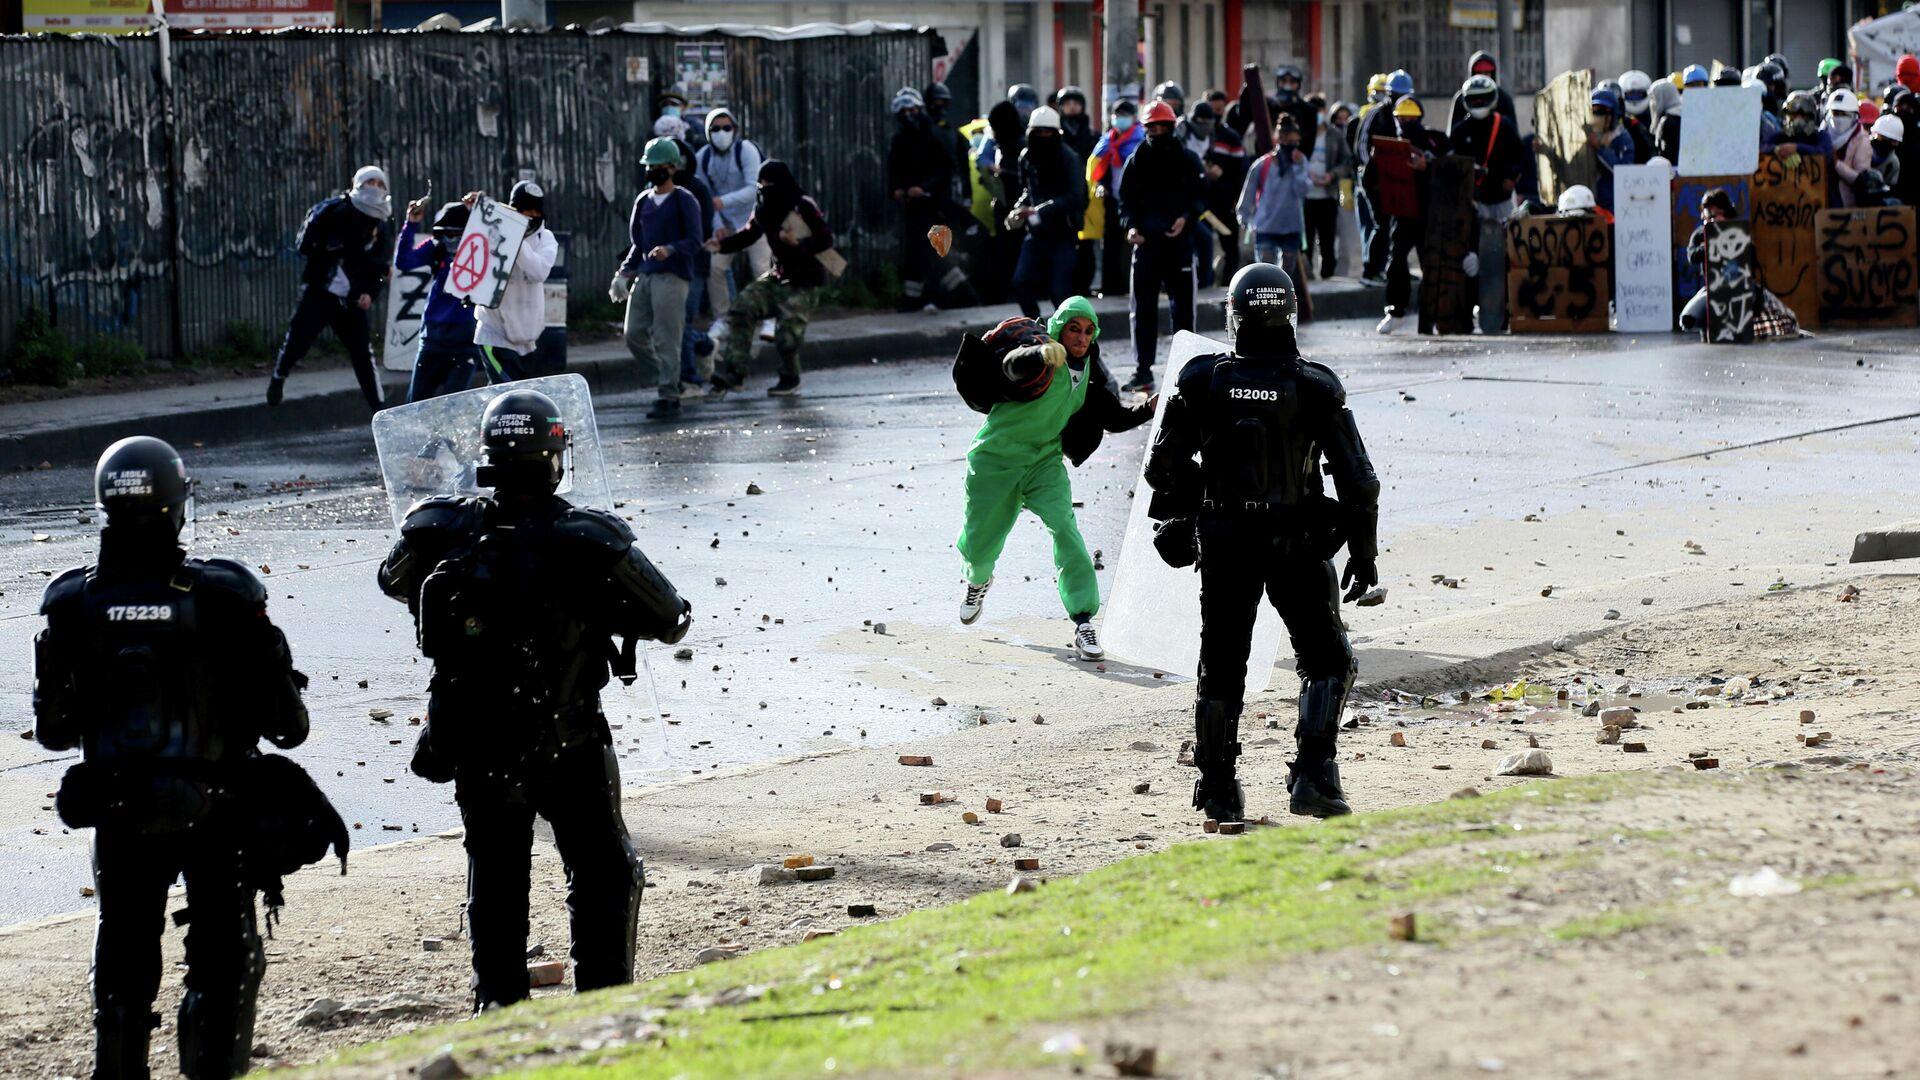 Столкновения протестующих с полицией в Боготе, Колумбия - РИА Новости, 1920, 01.08.2021